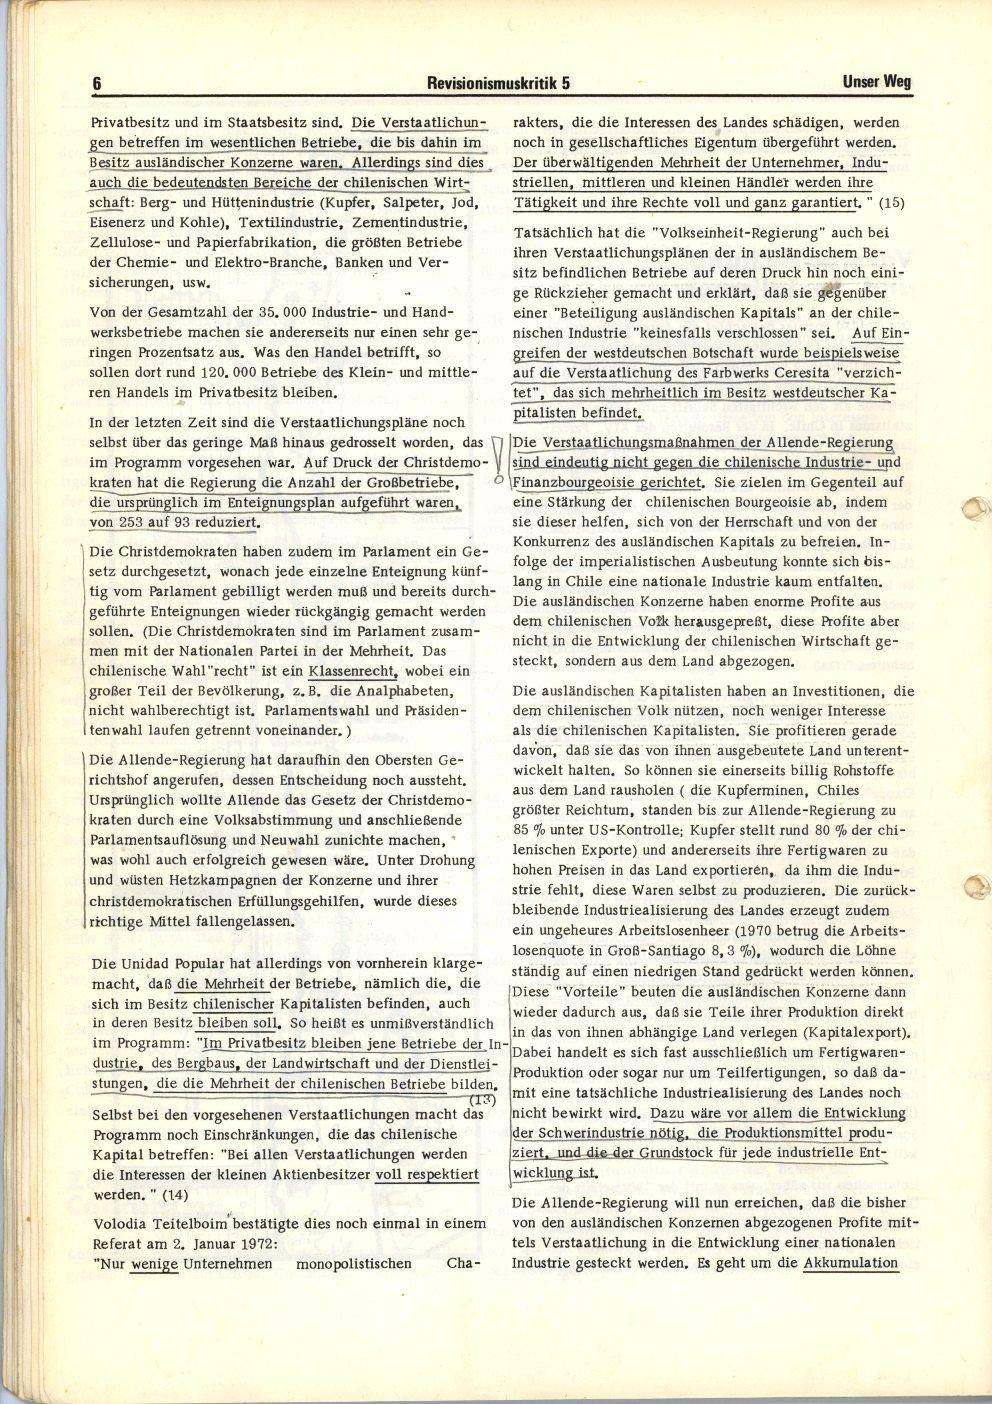 KB_Unser_Weg_1972_Chile_08